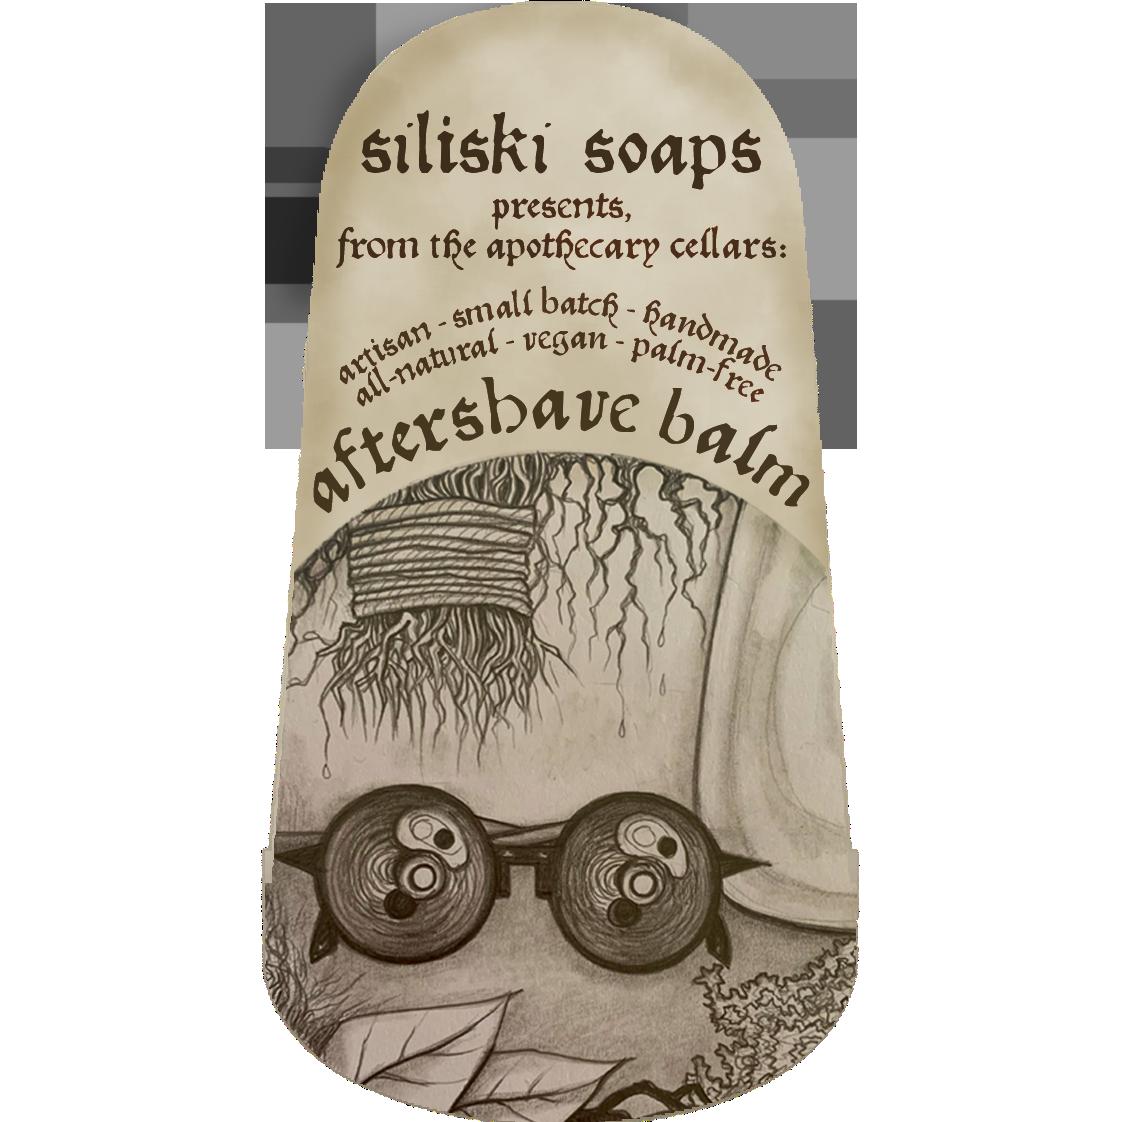 Siliski Soaps - Apothecary Cellars - Balm image